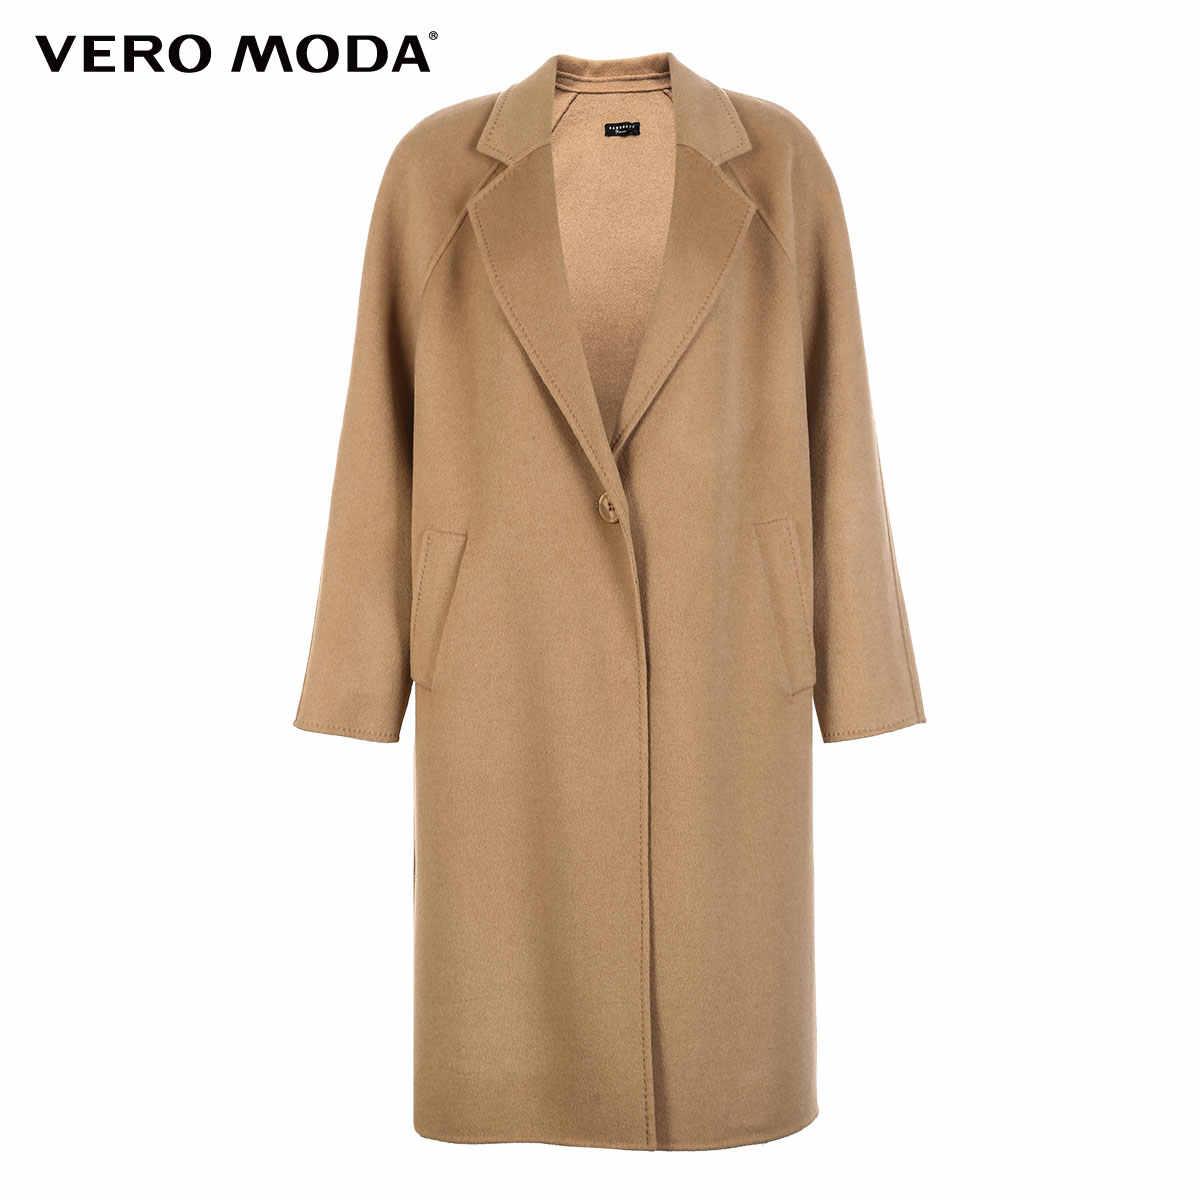 Vero Moda женское новое 100% шерстяное двухстороннее пальто с одной пряжкой в минималистическом стиле | 318327505